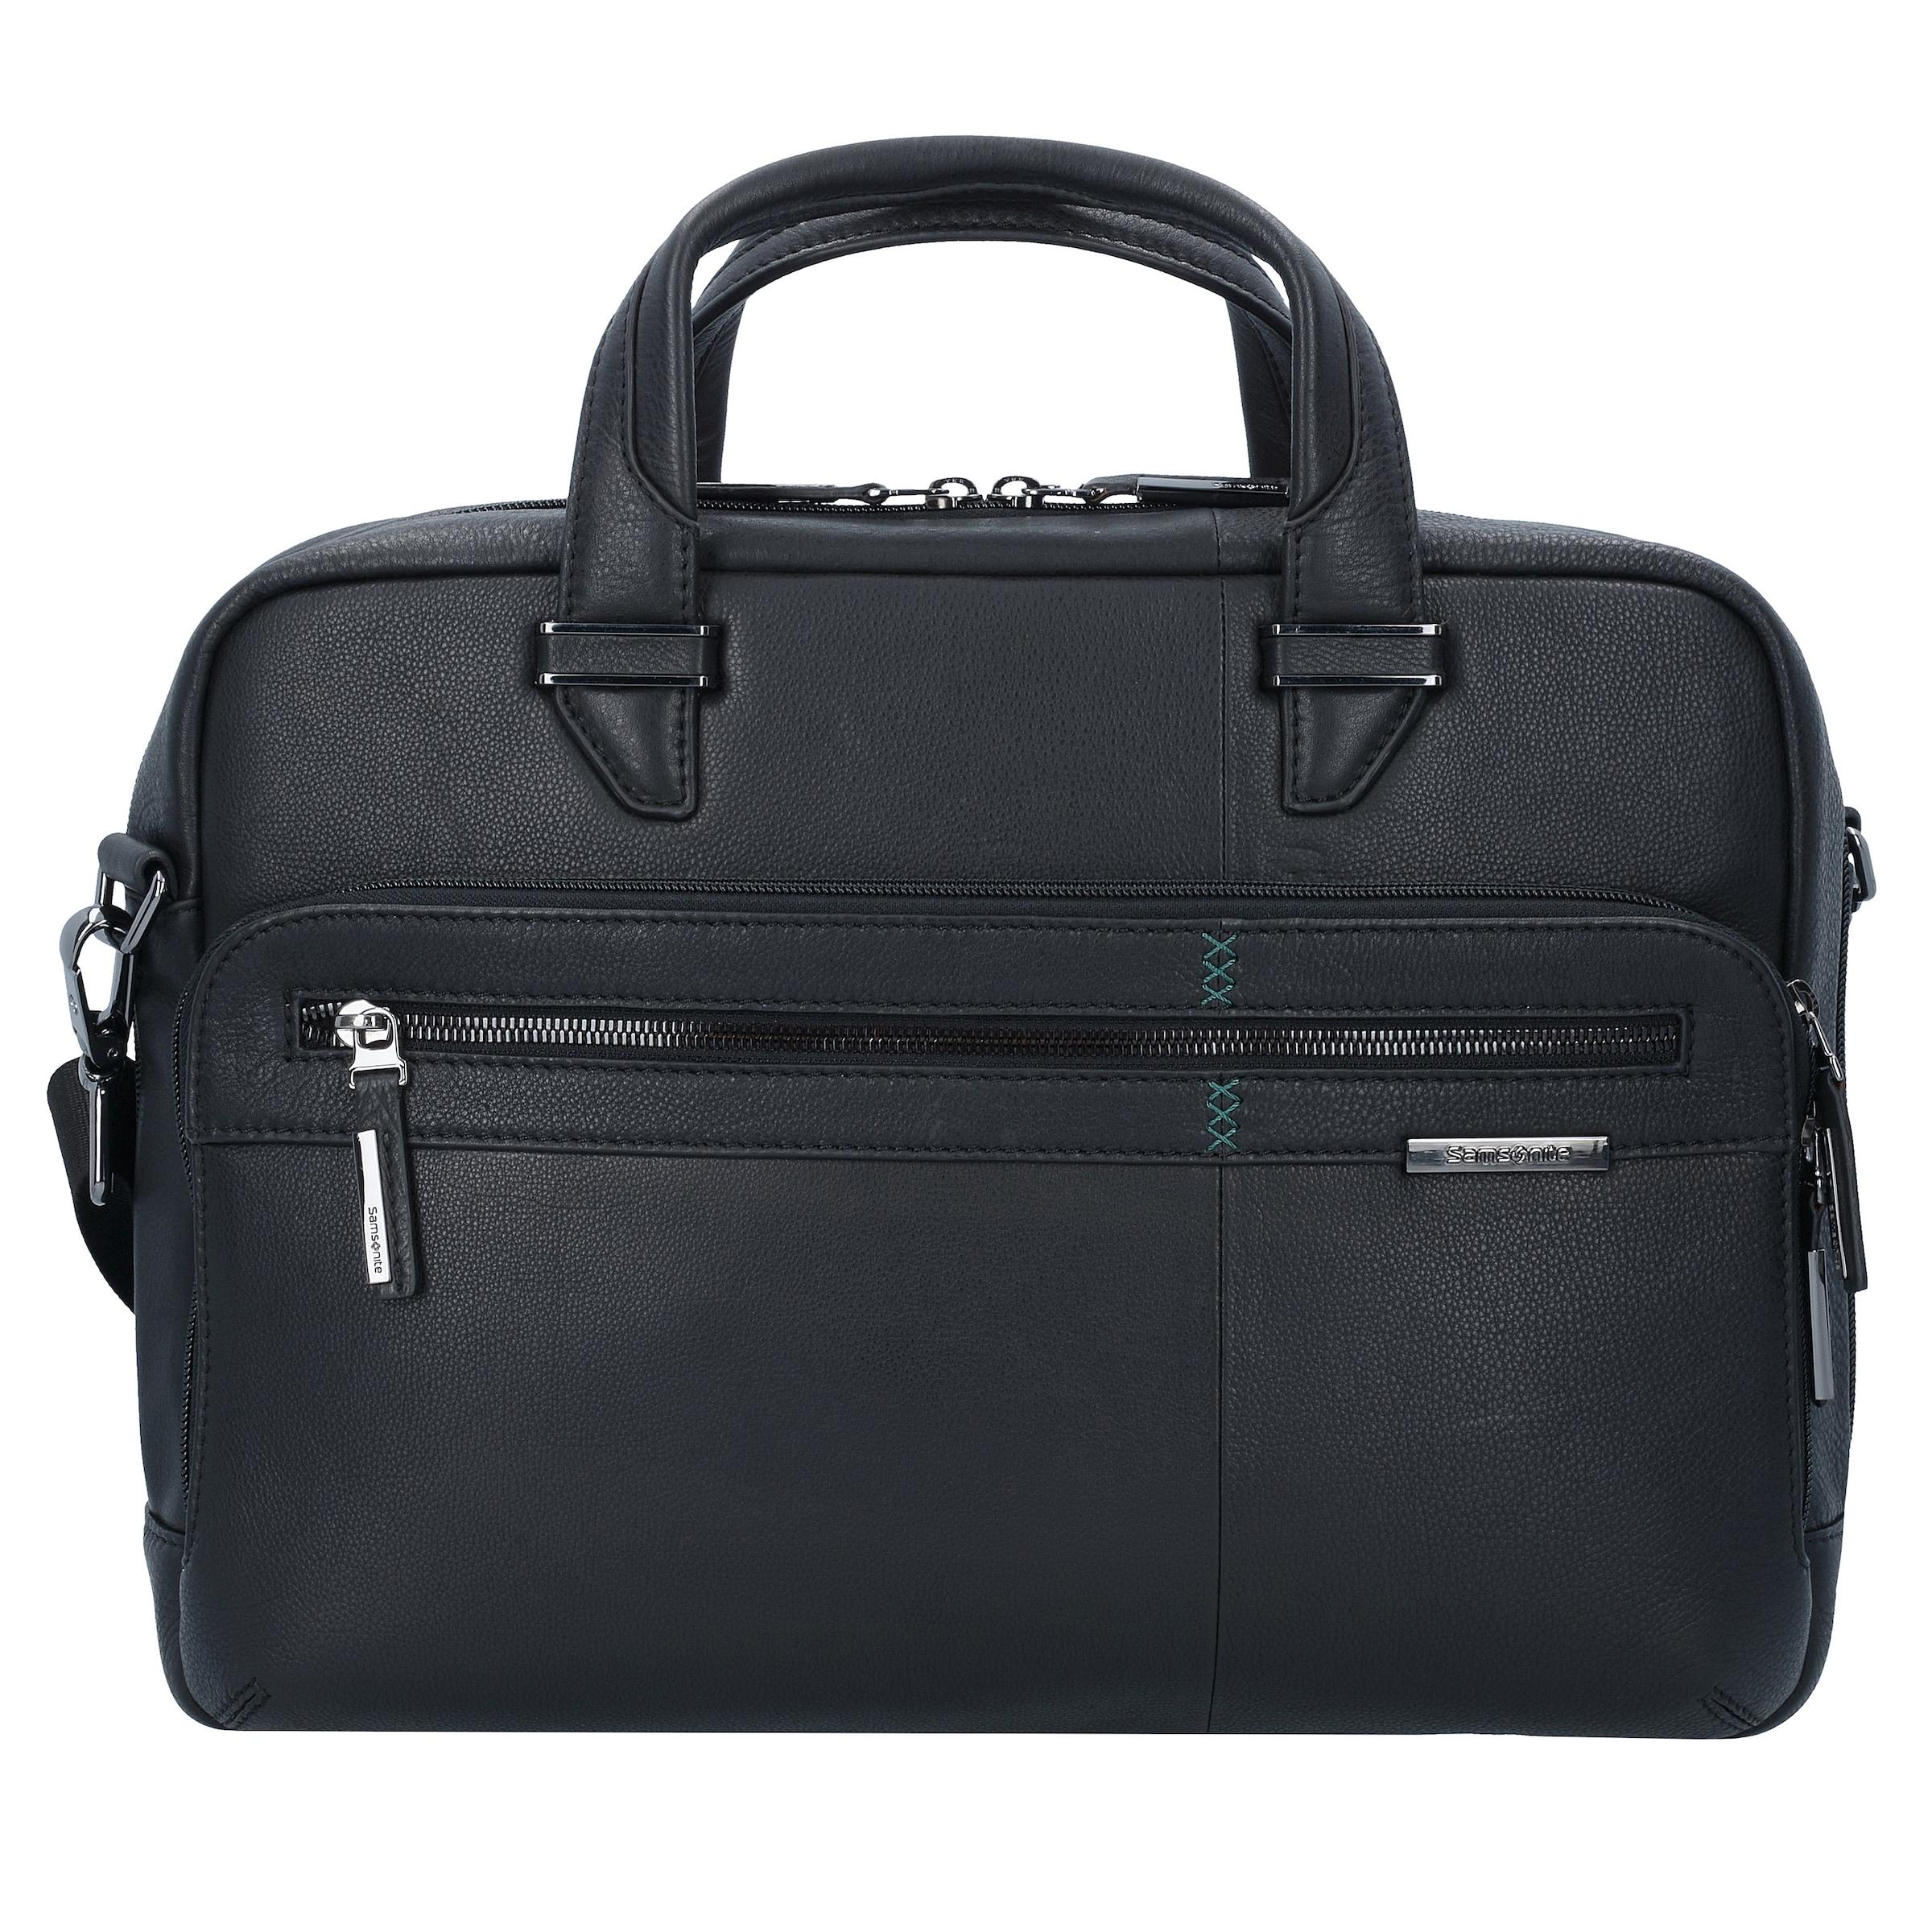 Zum Verkauf Günstigen Preis Aus Deutschland SAMSONITE Formalite LTH Businesstasche Leder 37 cm Laptopfach Verkauf Limitierter Auflage Schnelle Lieferung slX3QG